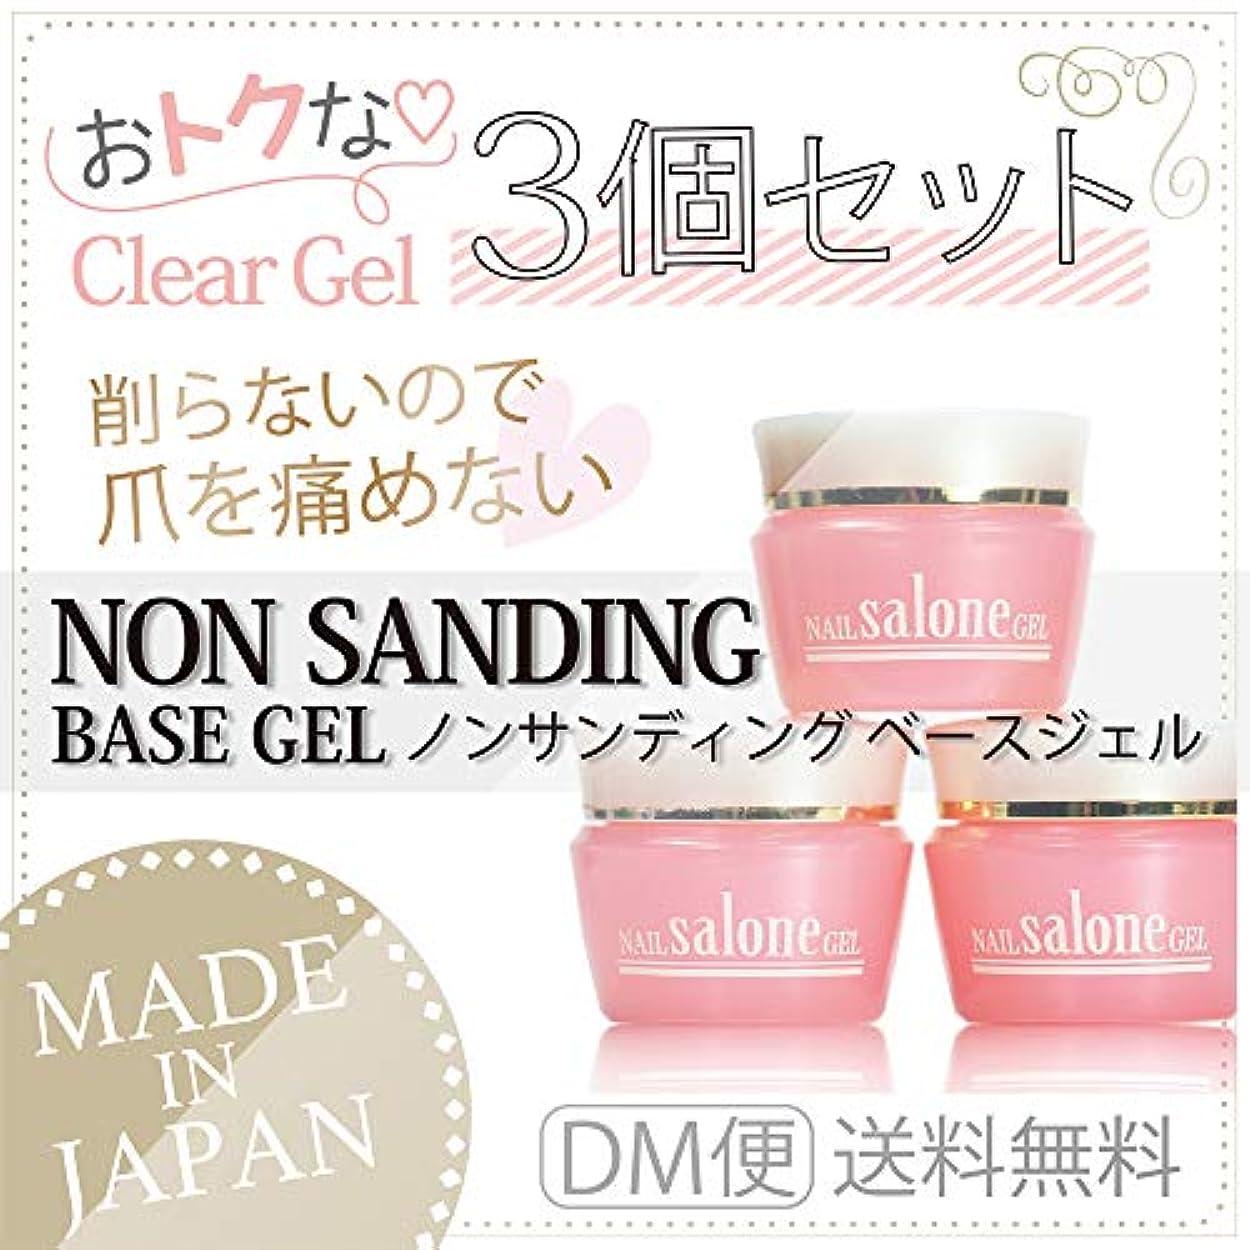 期待してお酢付き添い人Salone gel サローネノンサンディング ベースジェル お得な3個セット 削らないので爪に優しい 抜群の密着力 リムーバーでオフも簡単 3g